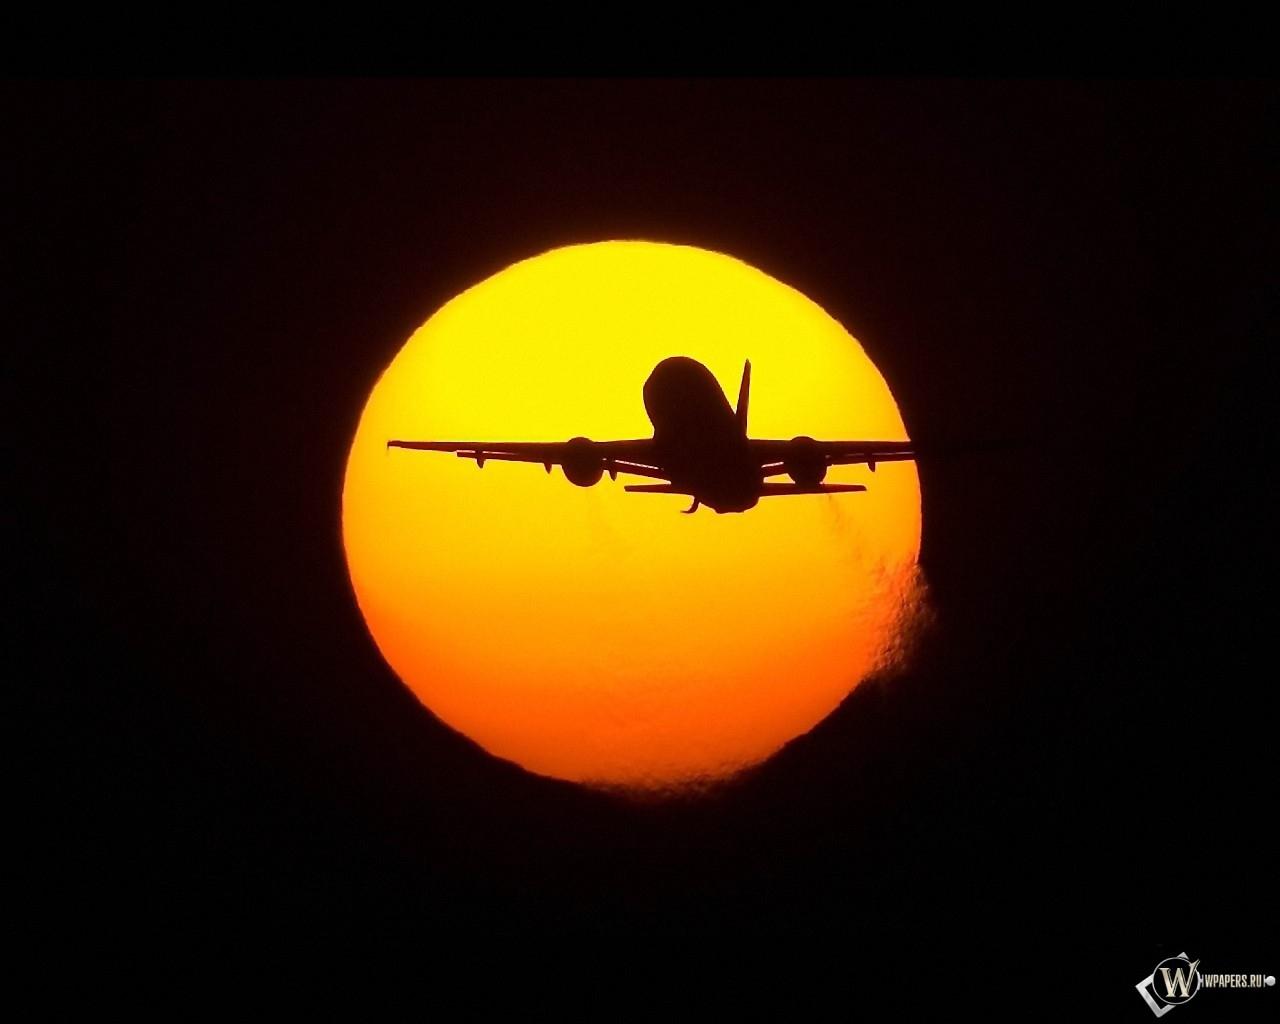 Самолет на фоне солнца 1280x1024